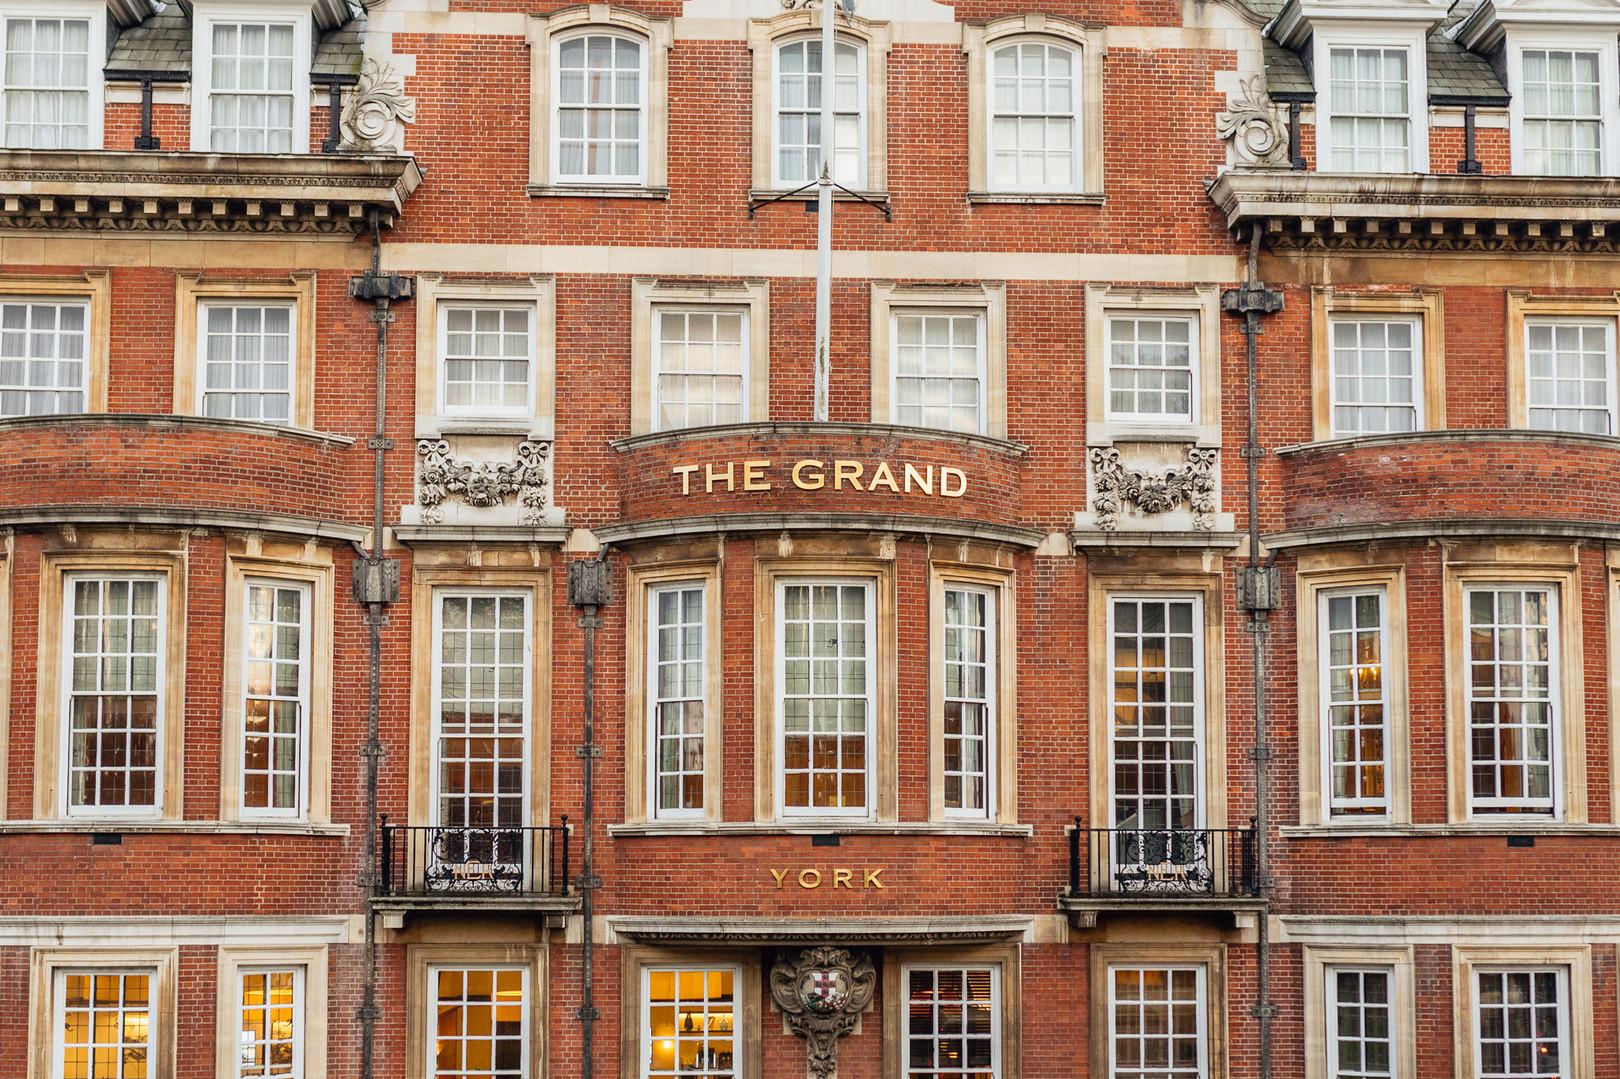 the grand york venue